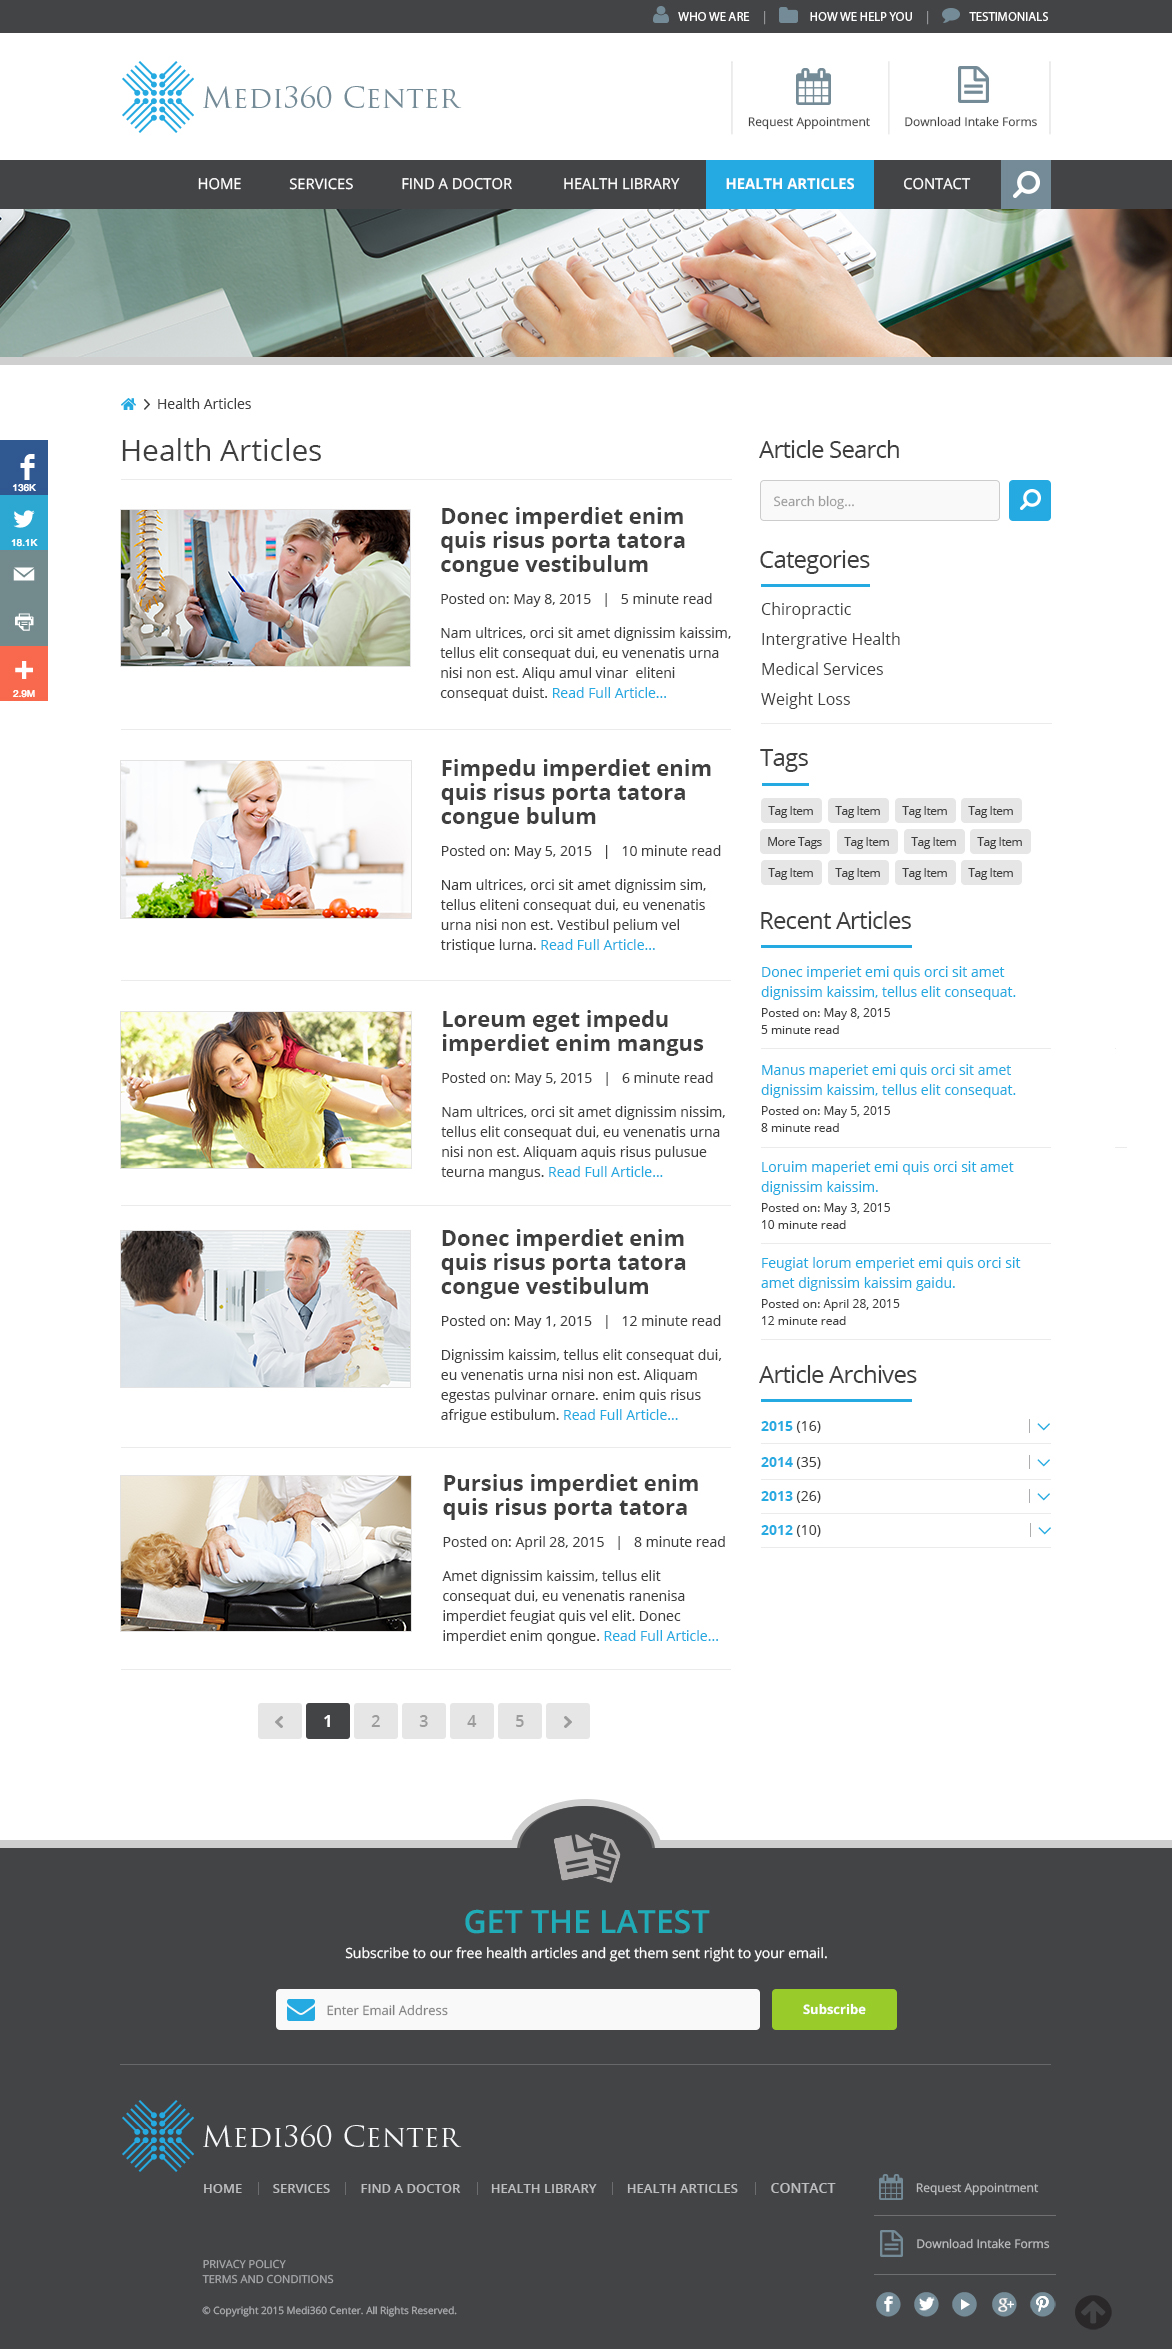 Medi360 Center Health Articles